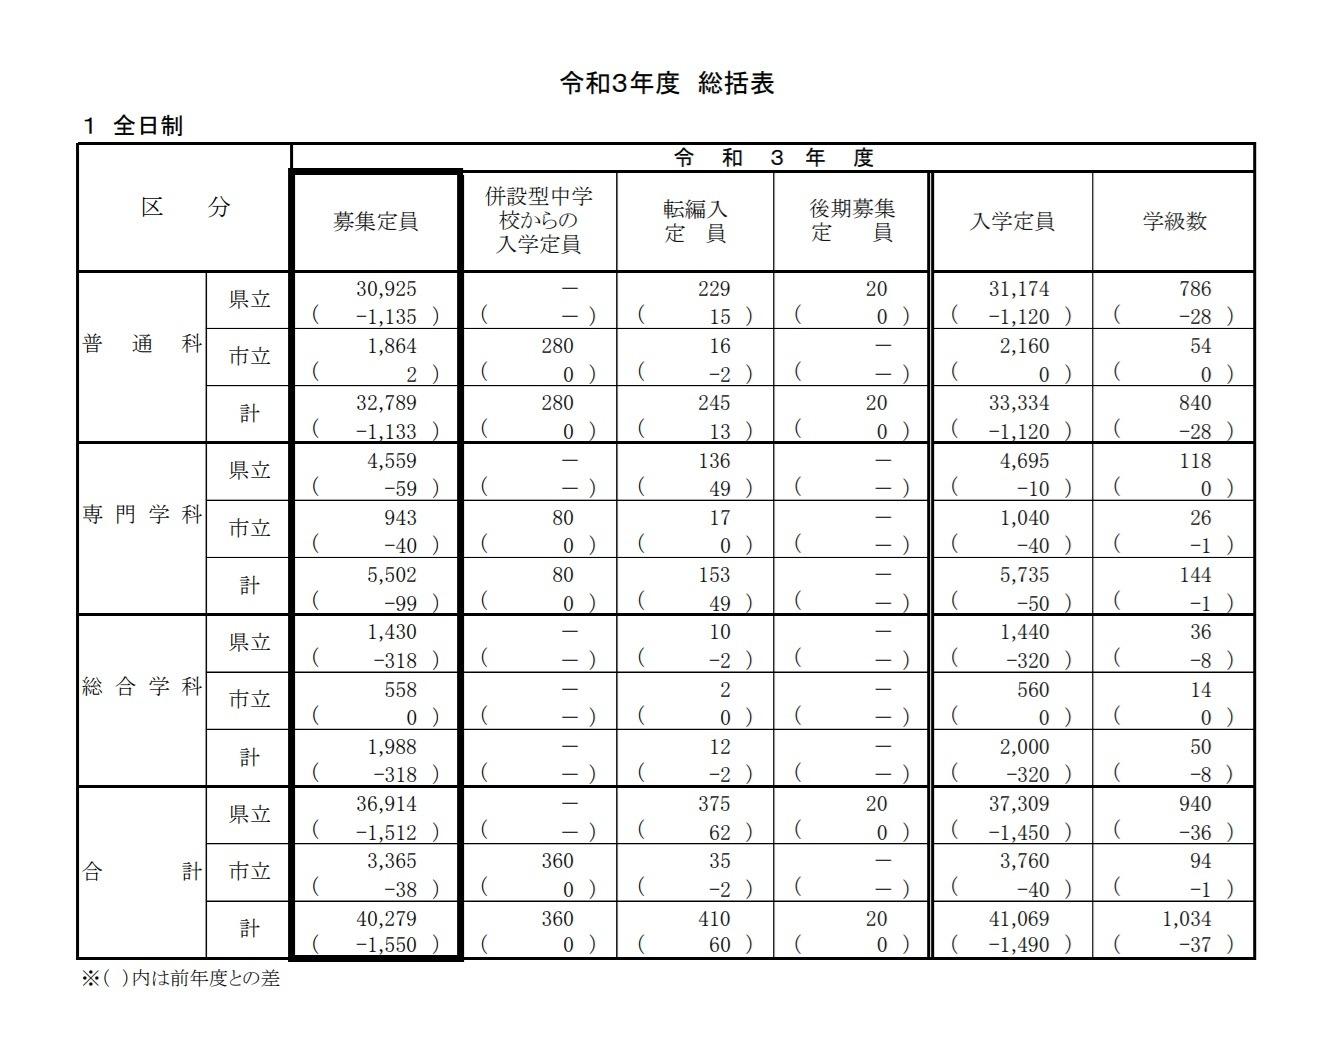 県 入試 2021 神奈川 公立 高校 神奈川県公立高校受験情報|受験情報|湘南ゼミナール